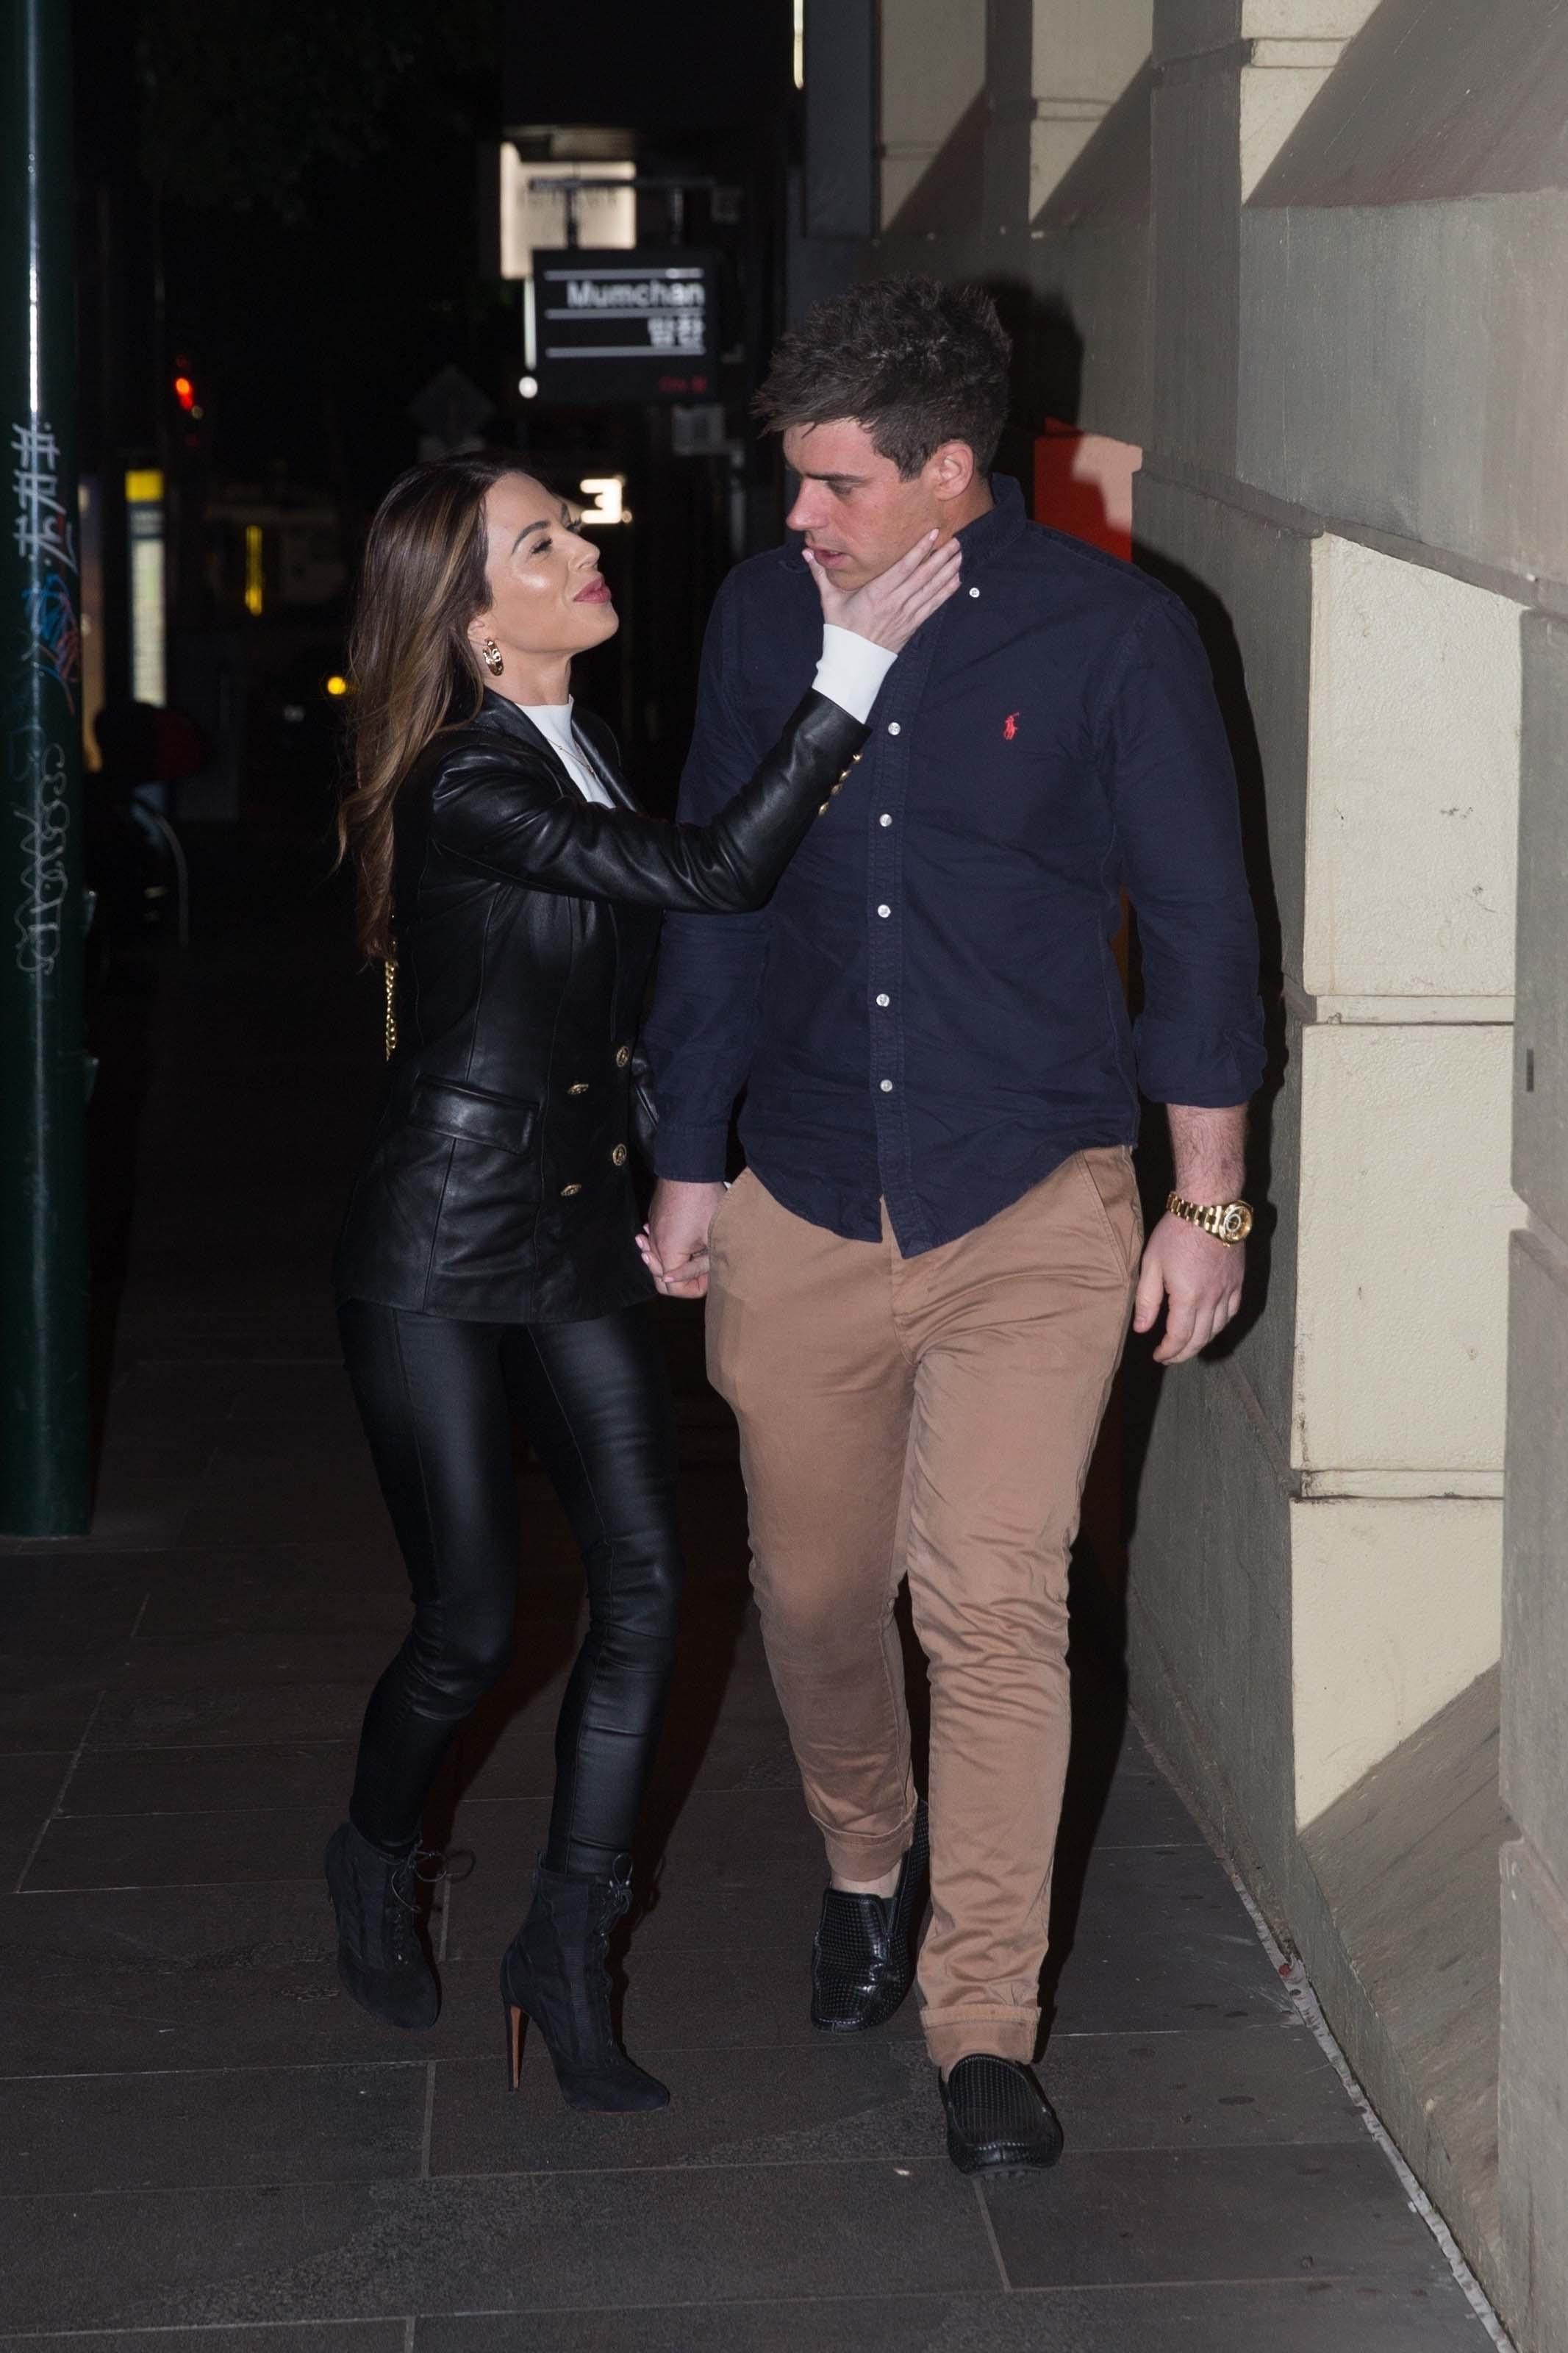 Kasey Osborne date night in Melbourne